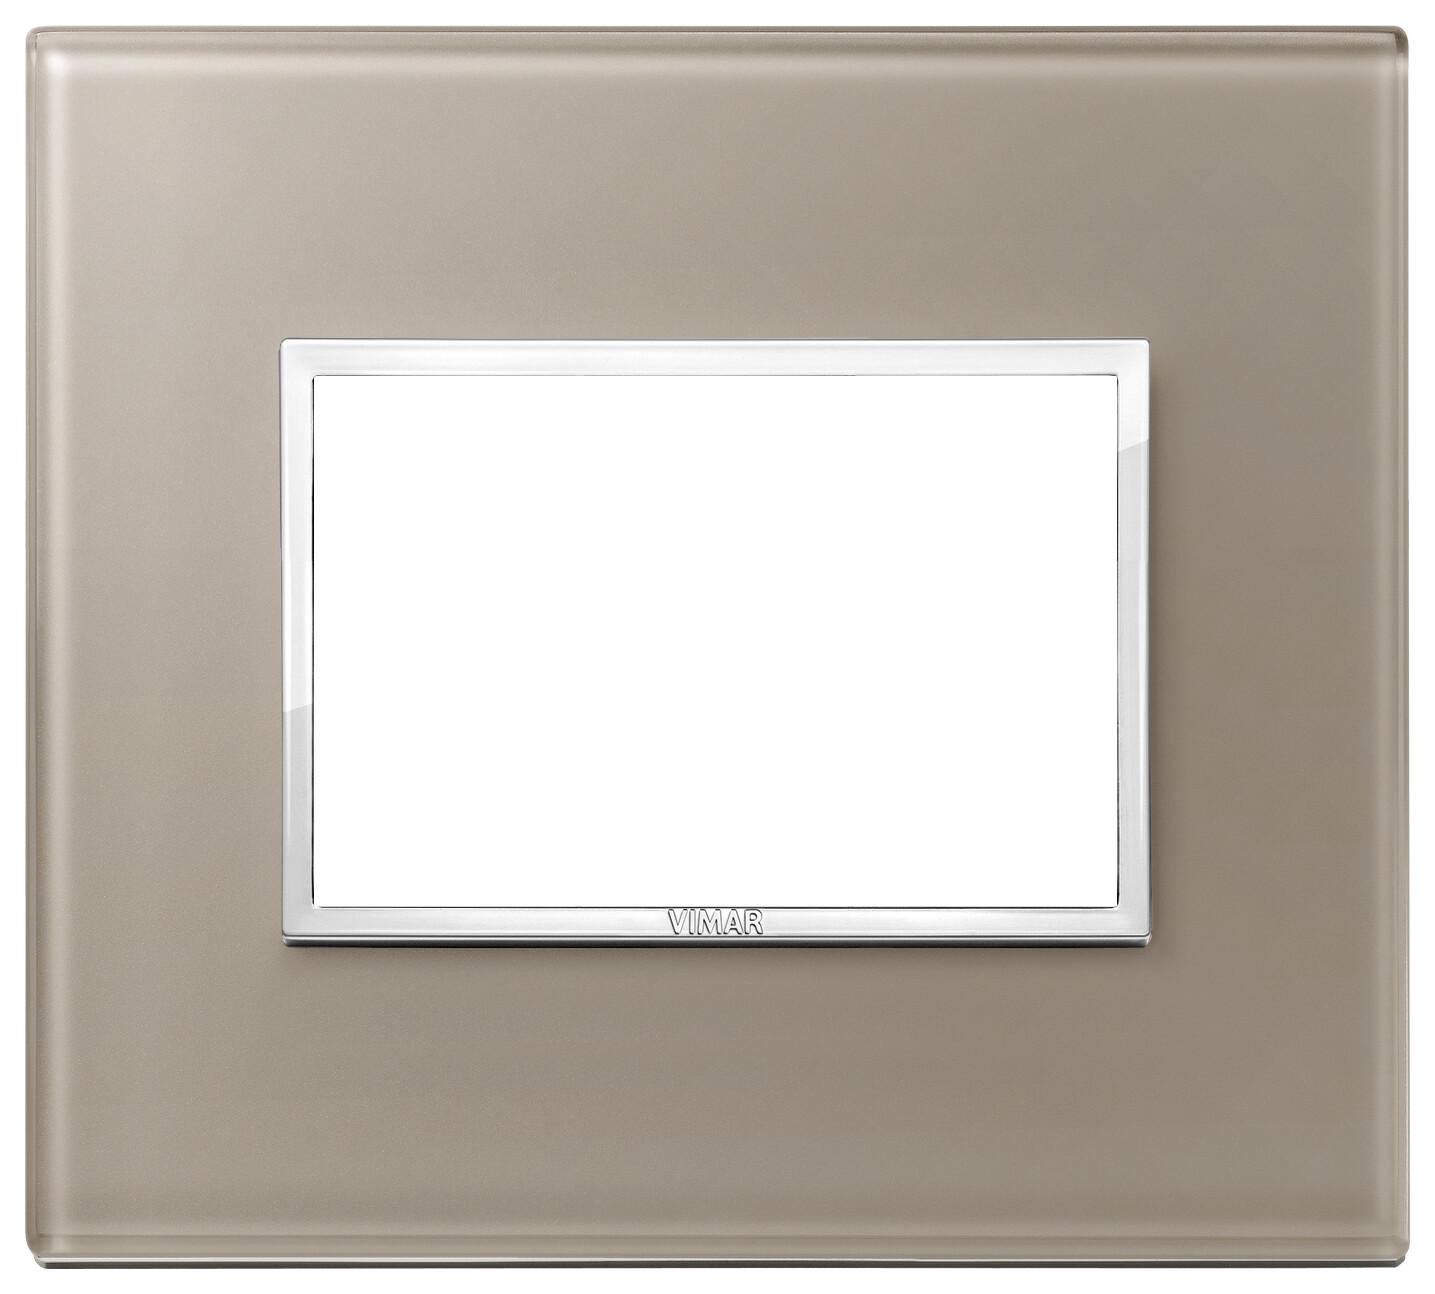 Накладка Evo на 3 модуля, коричневый опал